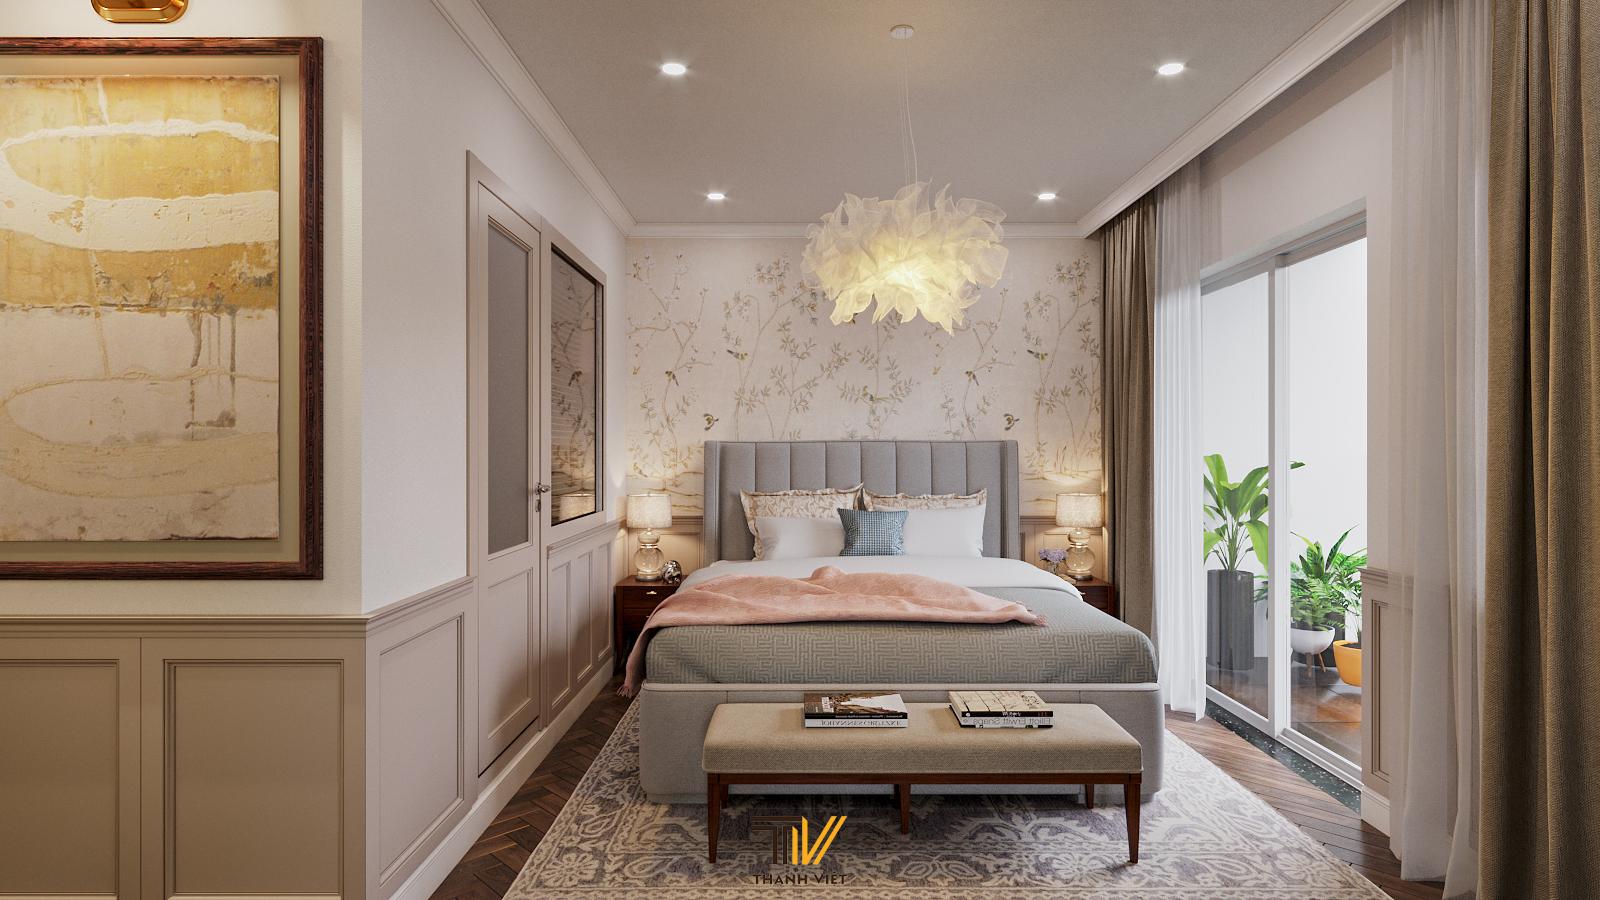 Thiết kế nội thất Chung Cư tại Hà Nội Vintage Farmhouse - Golden Westlake 1626853869 6